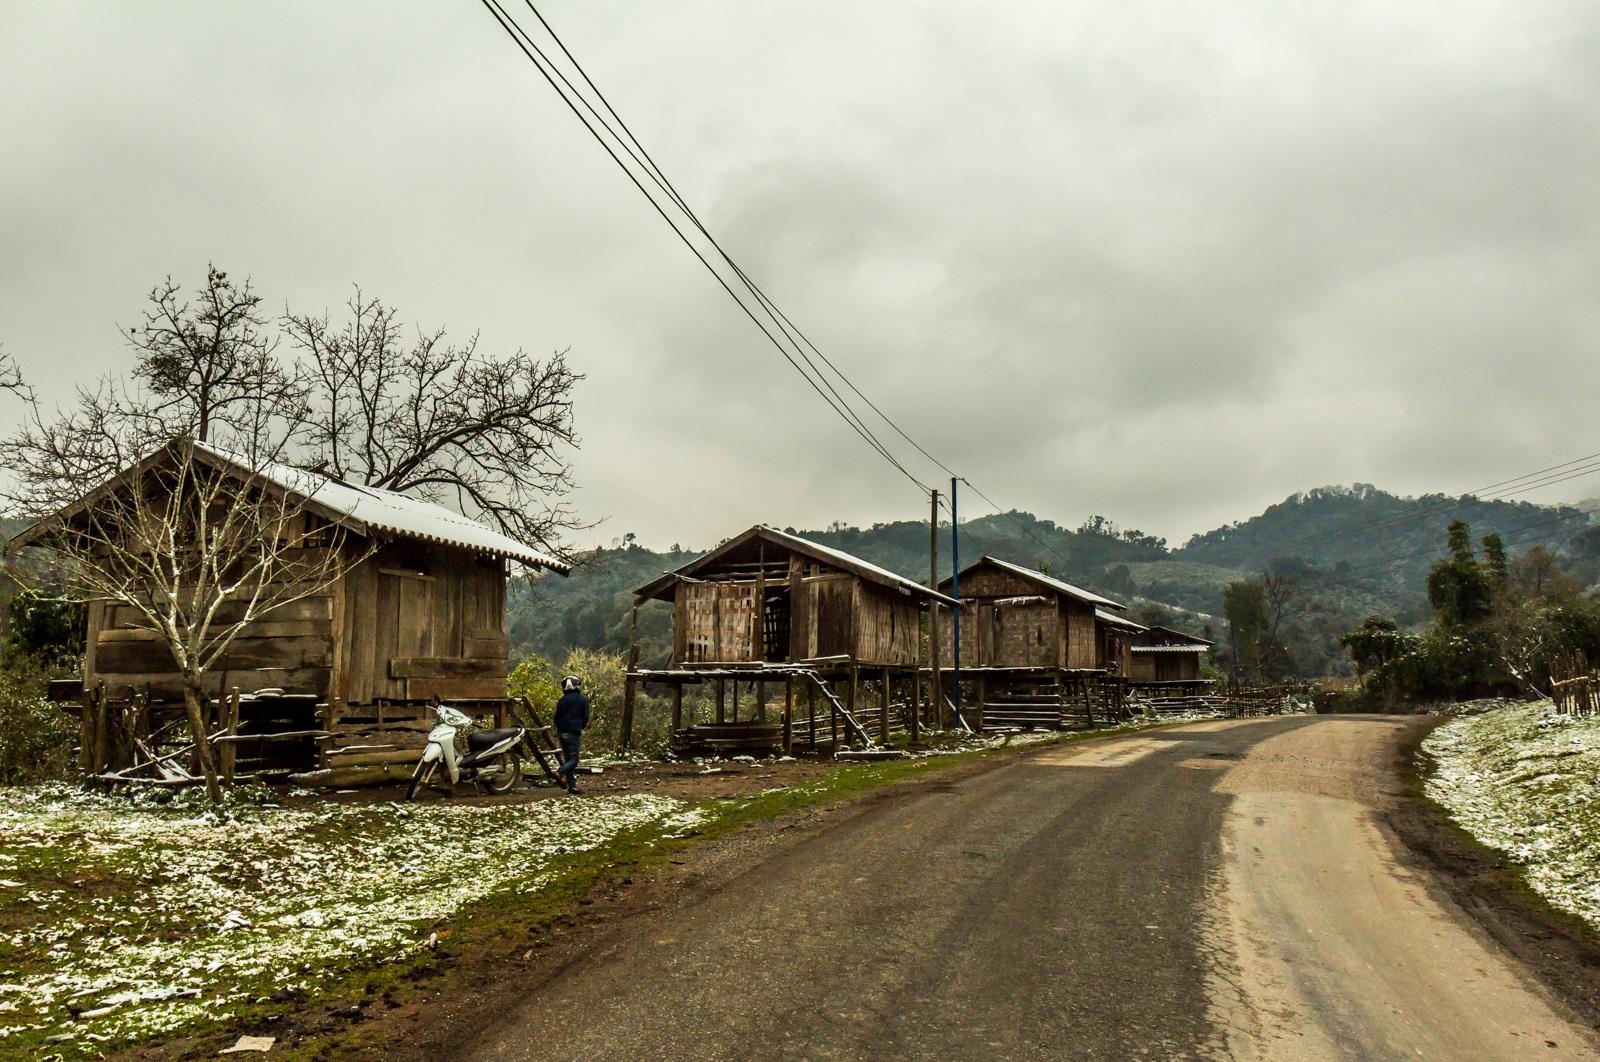 Snowy village.